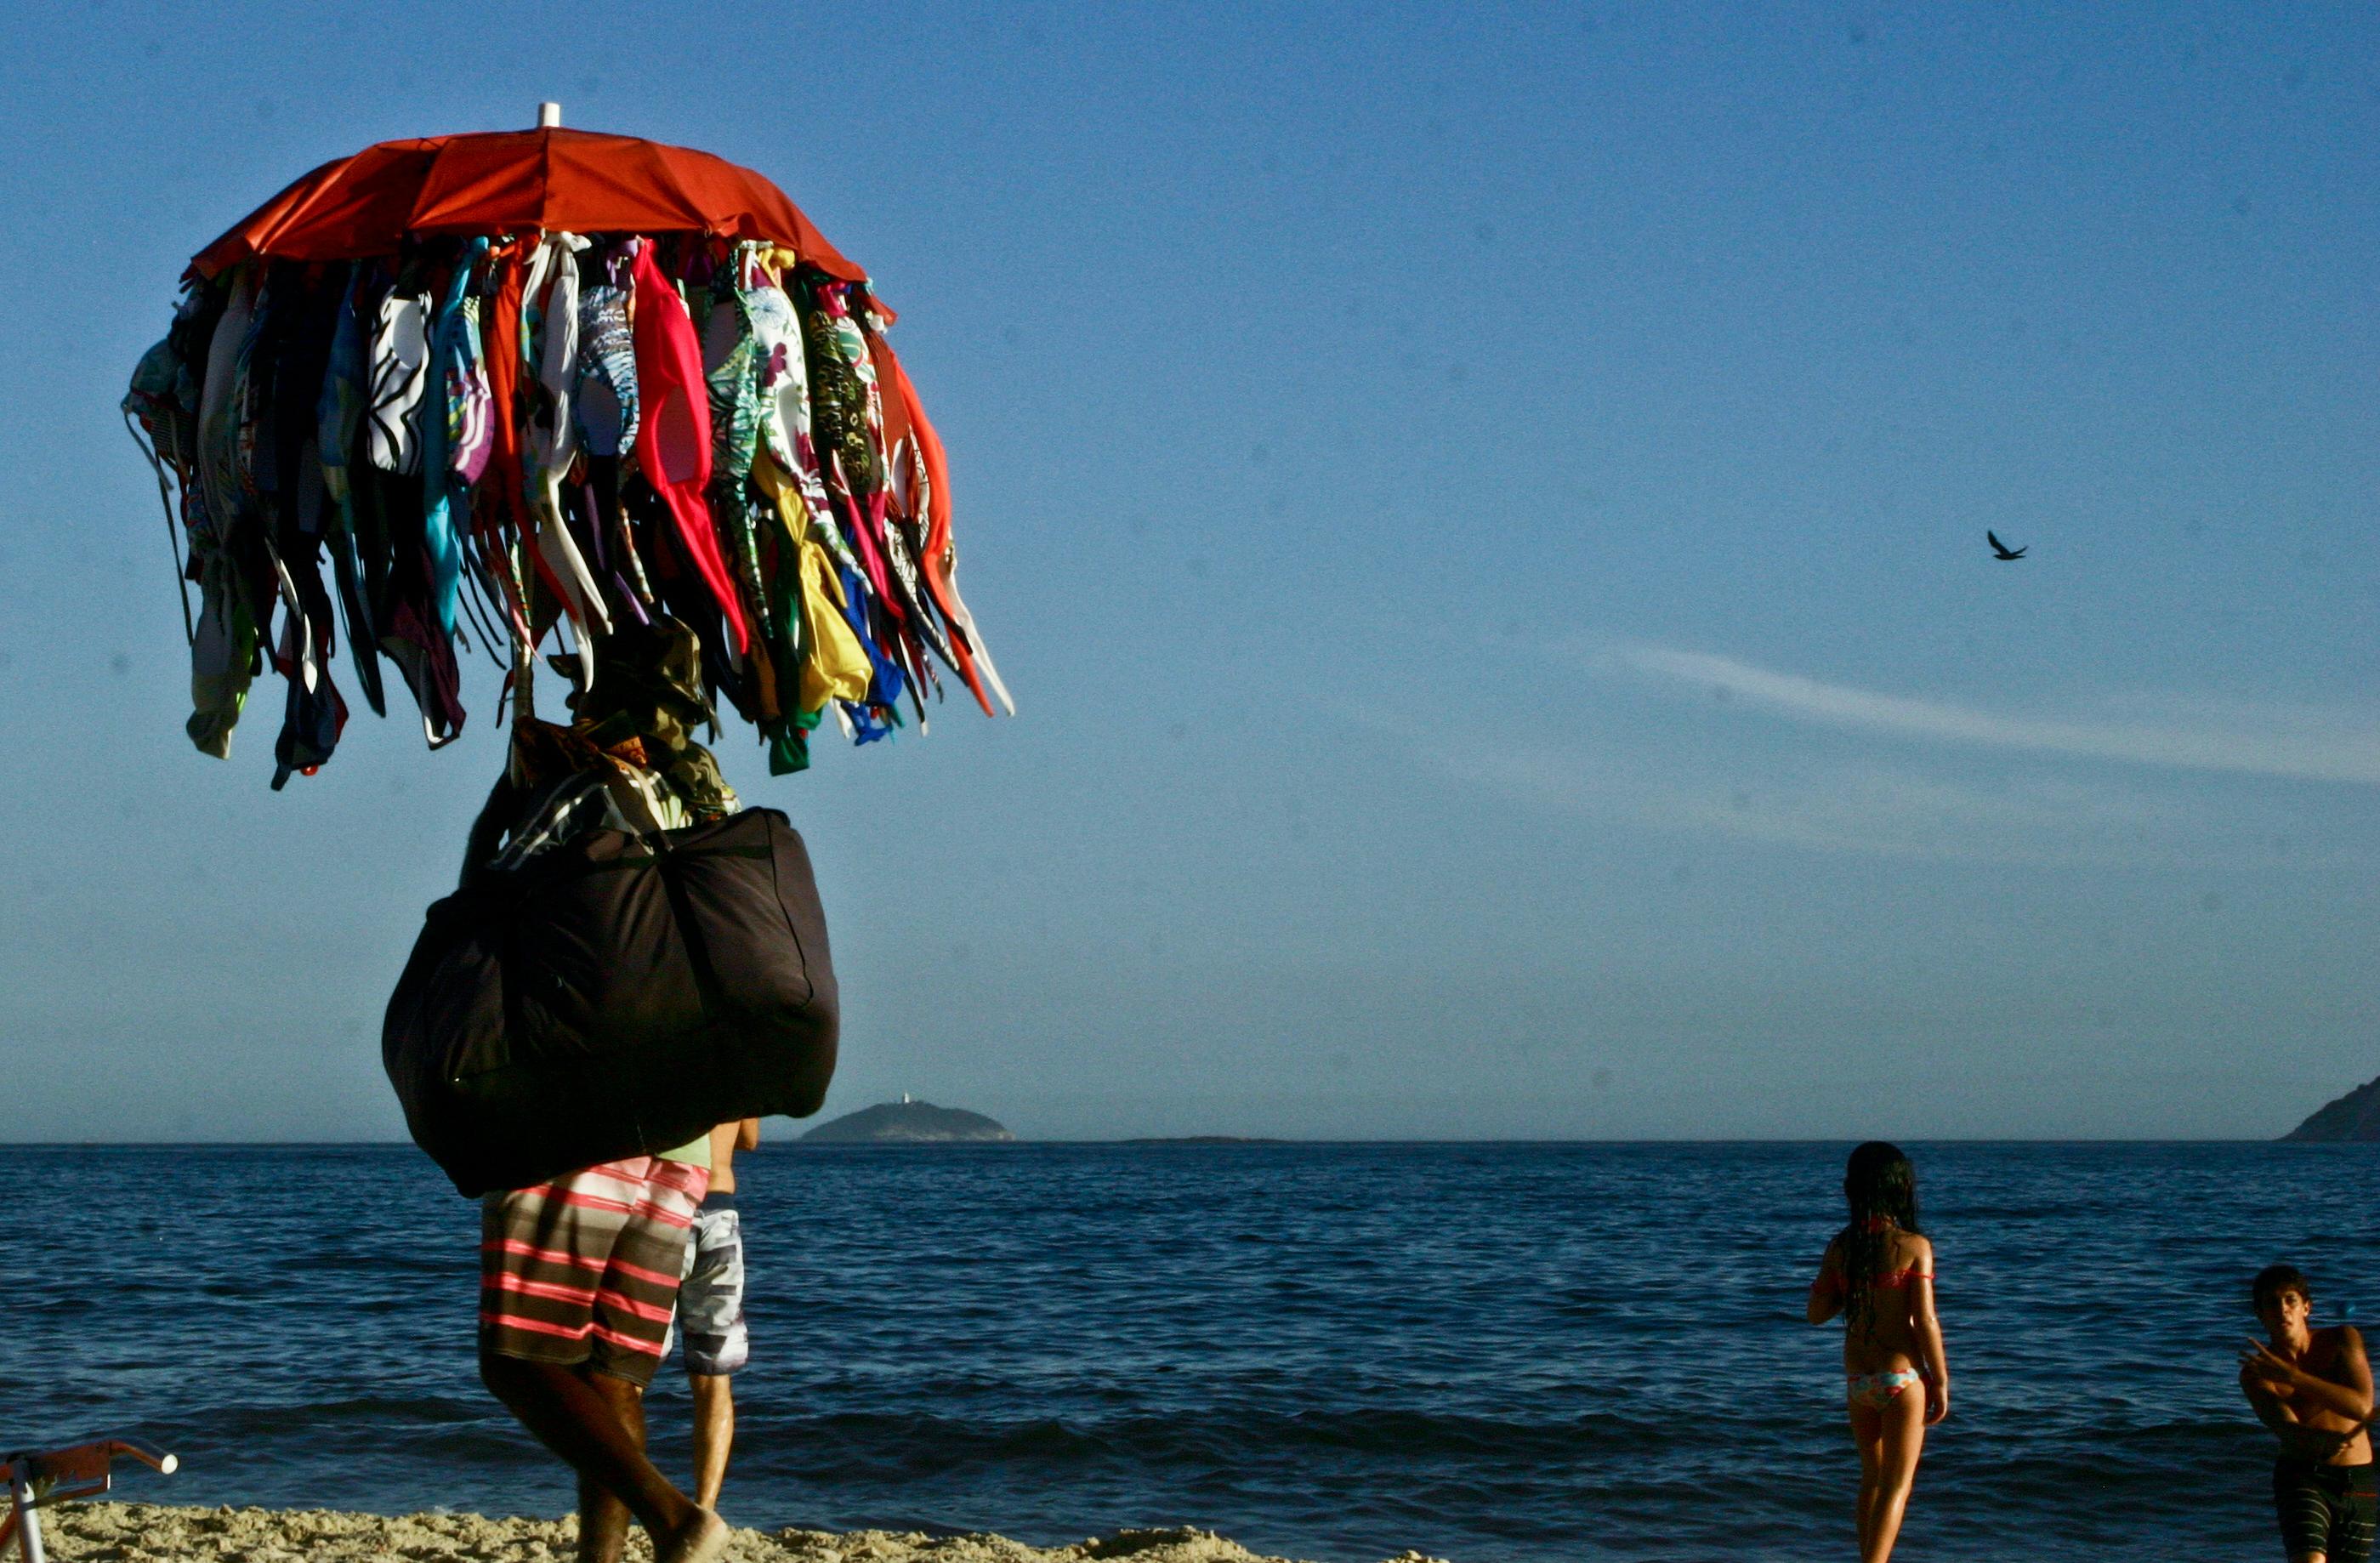 Vendedor de trajes de baño, Ipanema, Río de Janeiro. Autor, Patricio Irisarri